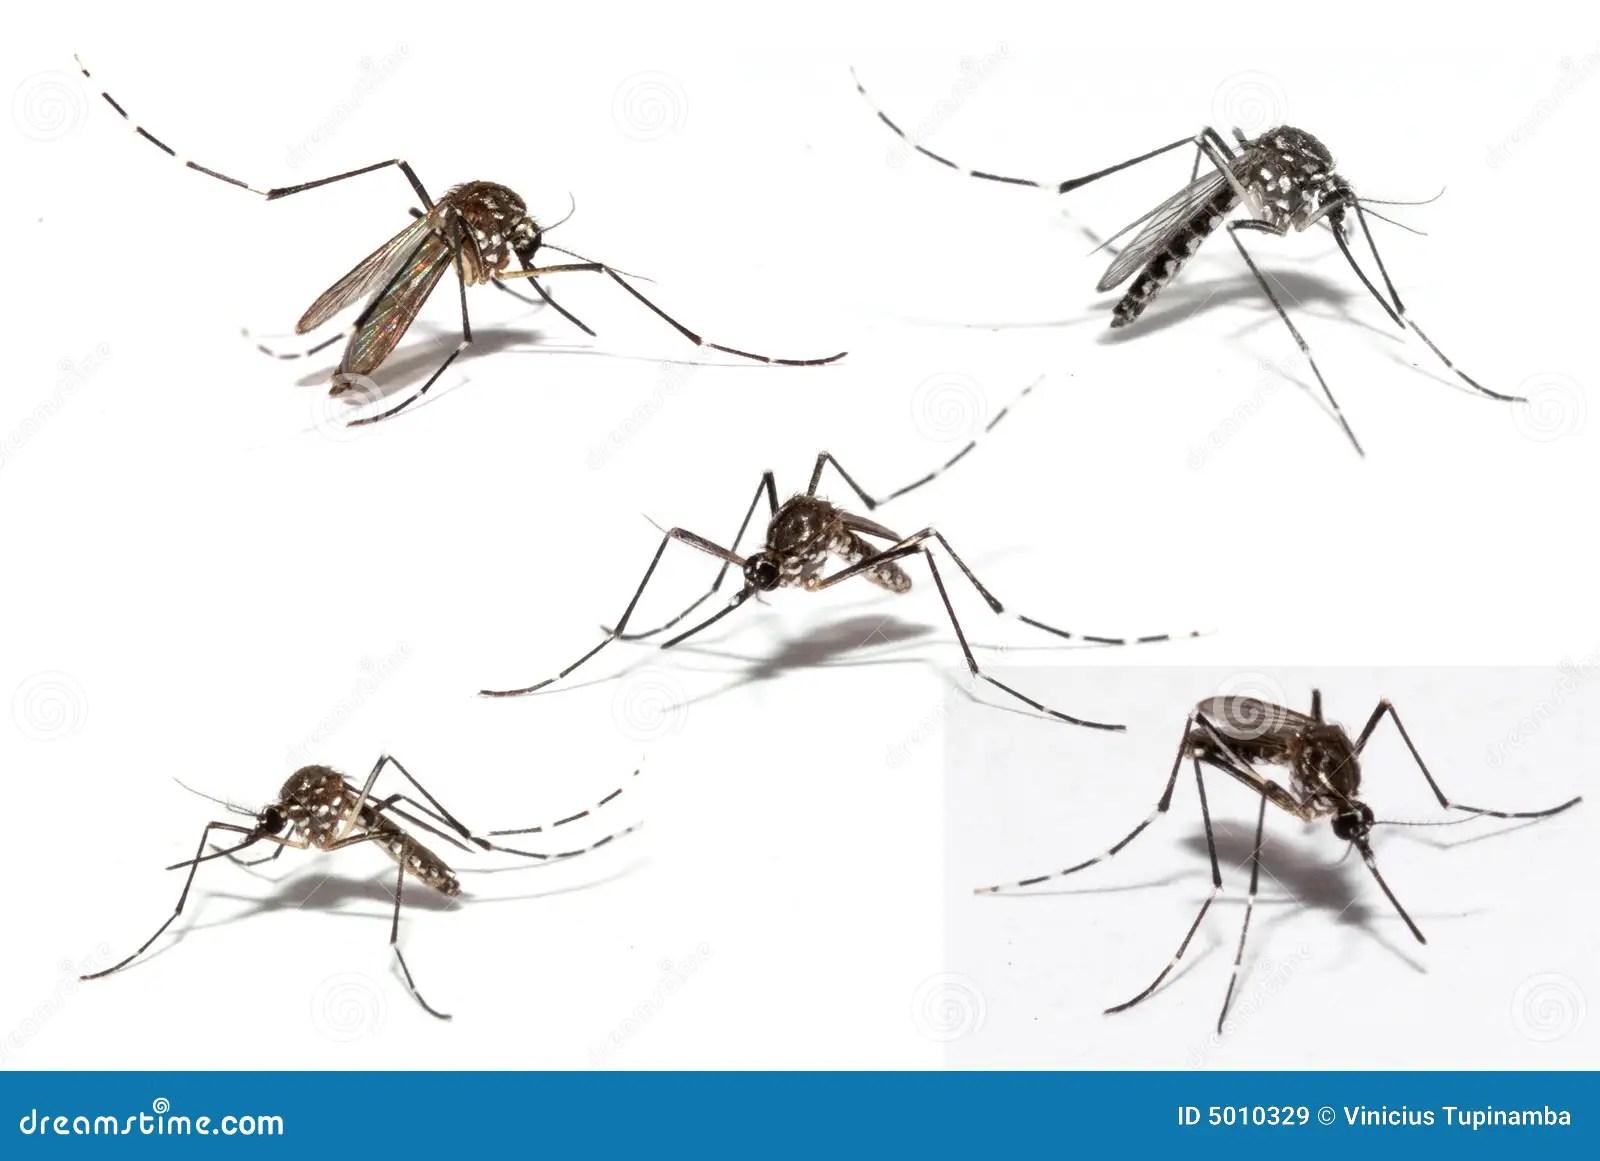 Mosquito De La Dengue